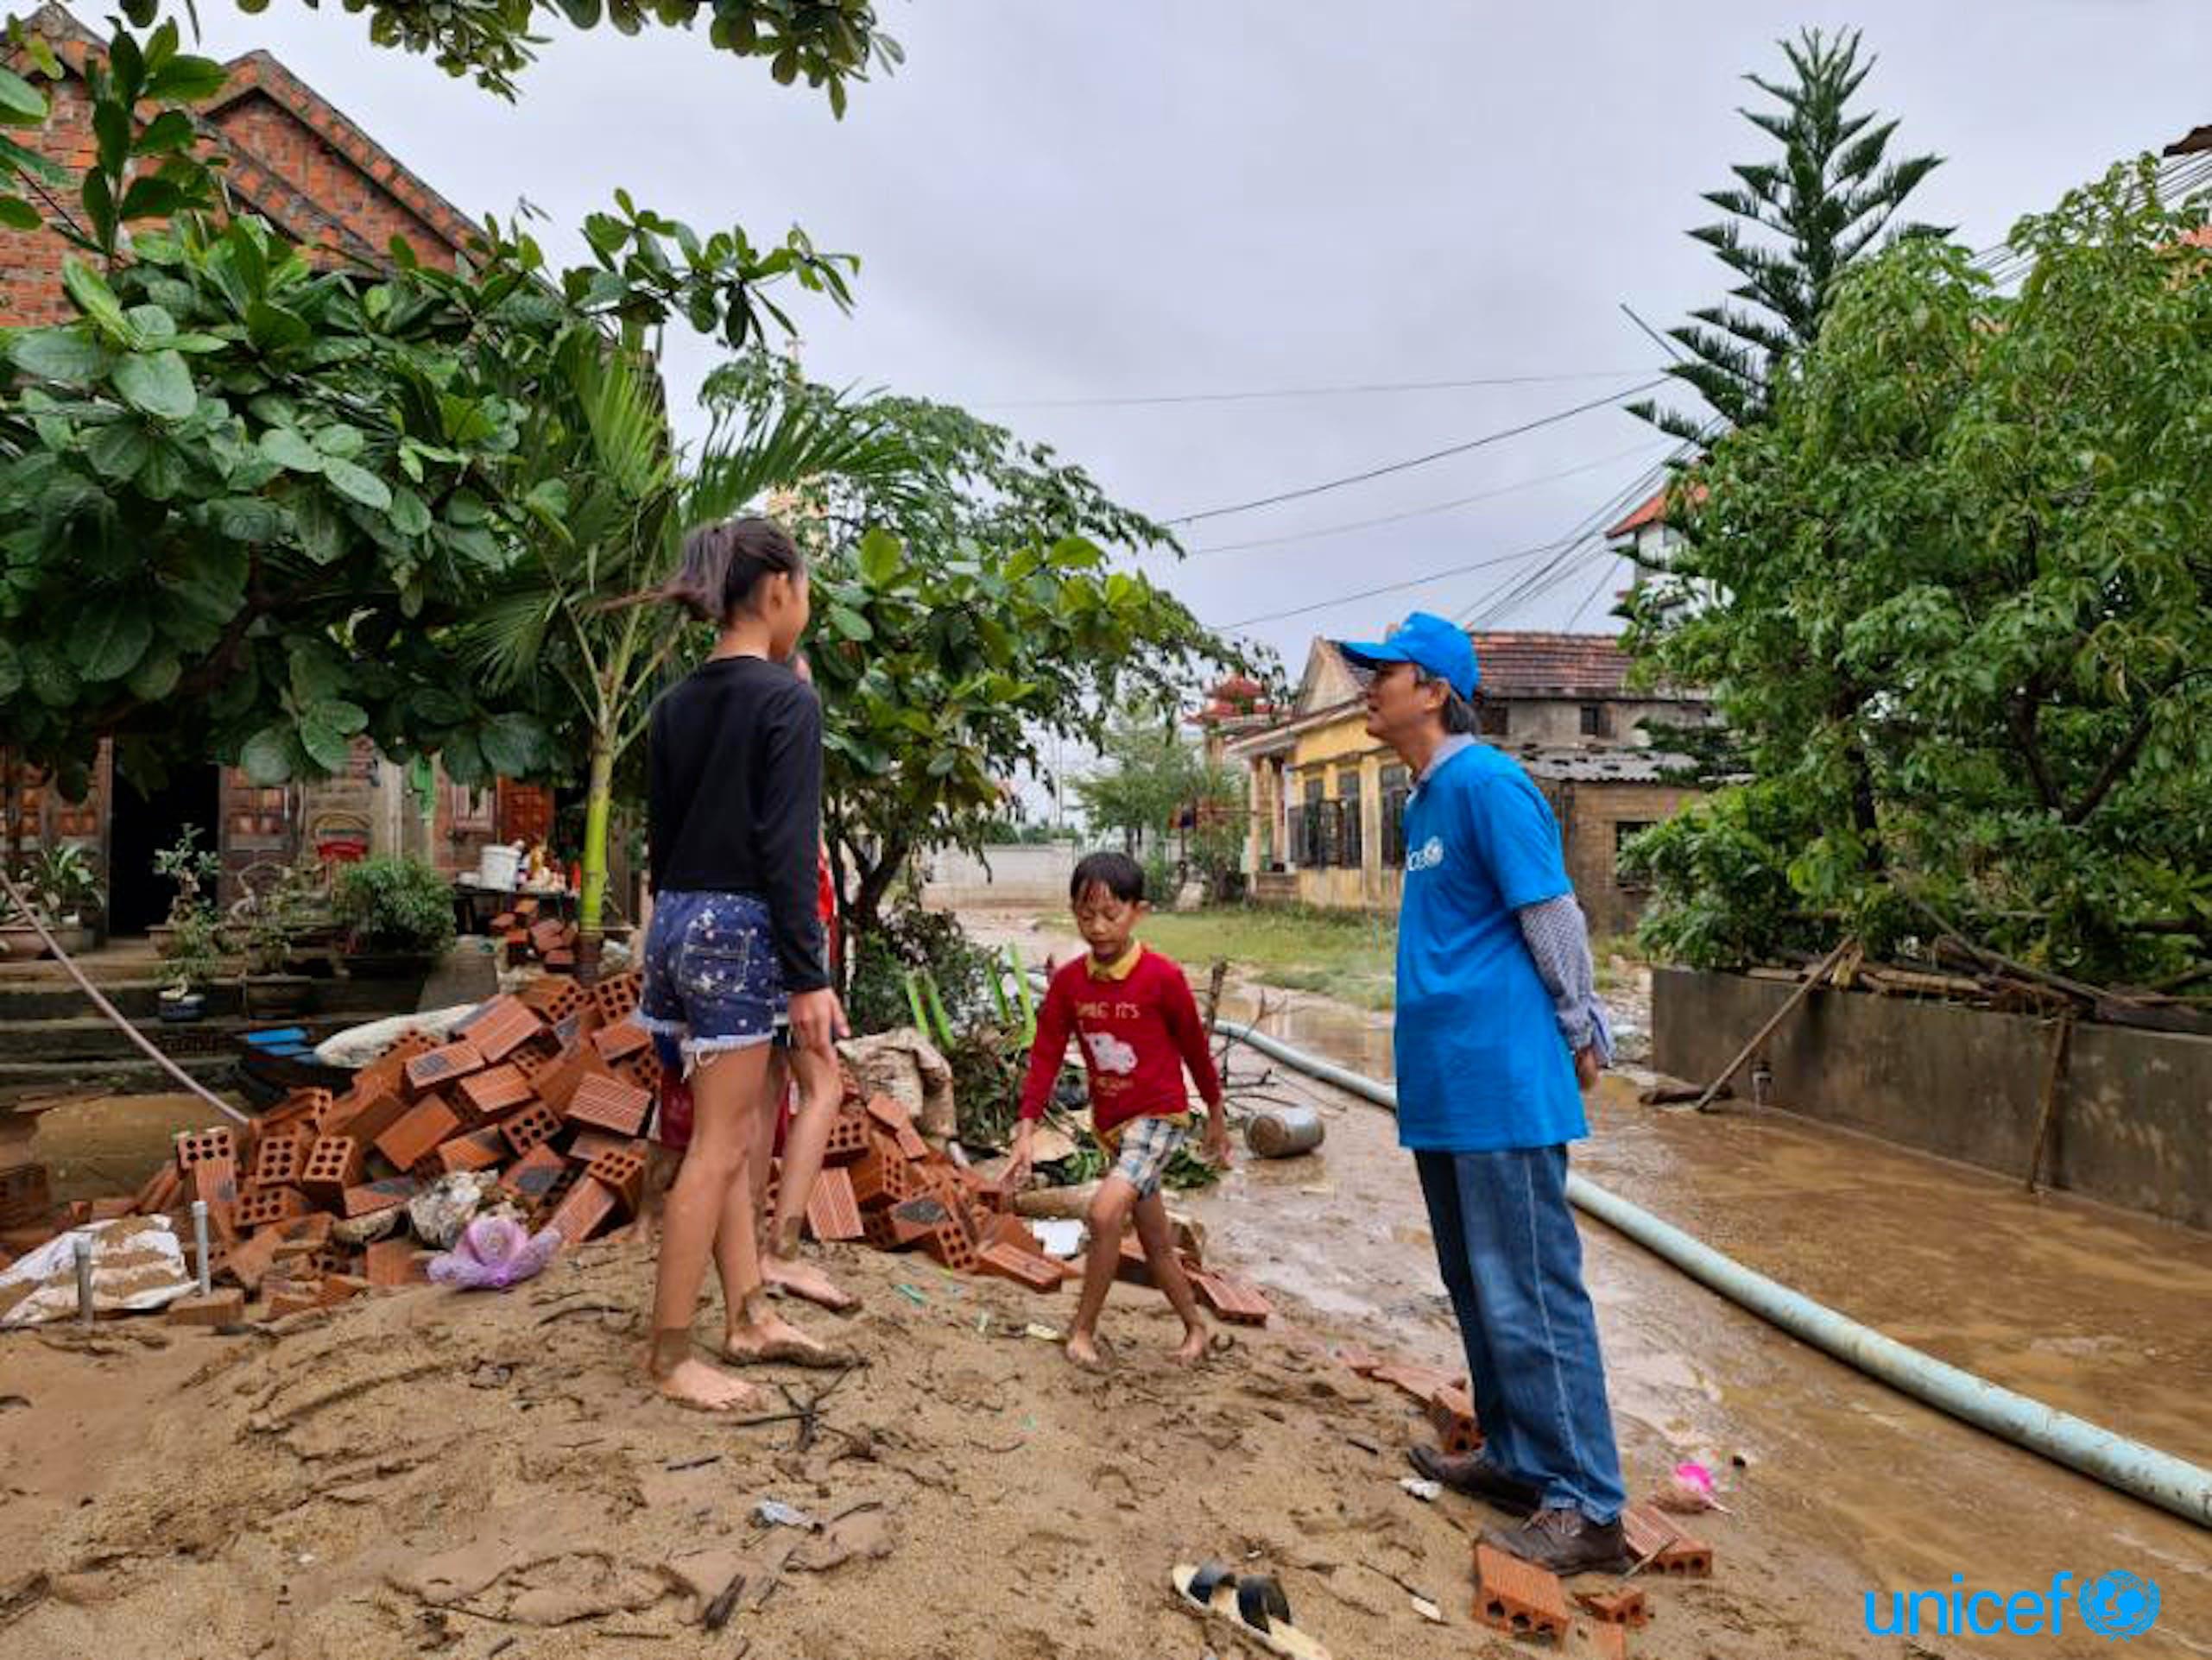 Vietnam, staff UNICEF a Quang Loc dopo il disastro delle inondazioni © UNICEF/UN0352875/